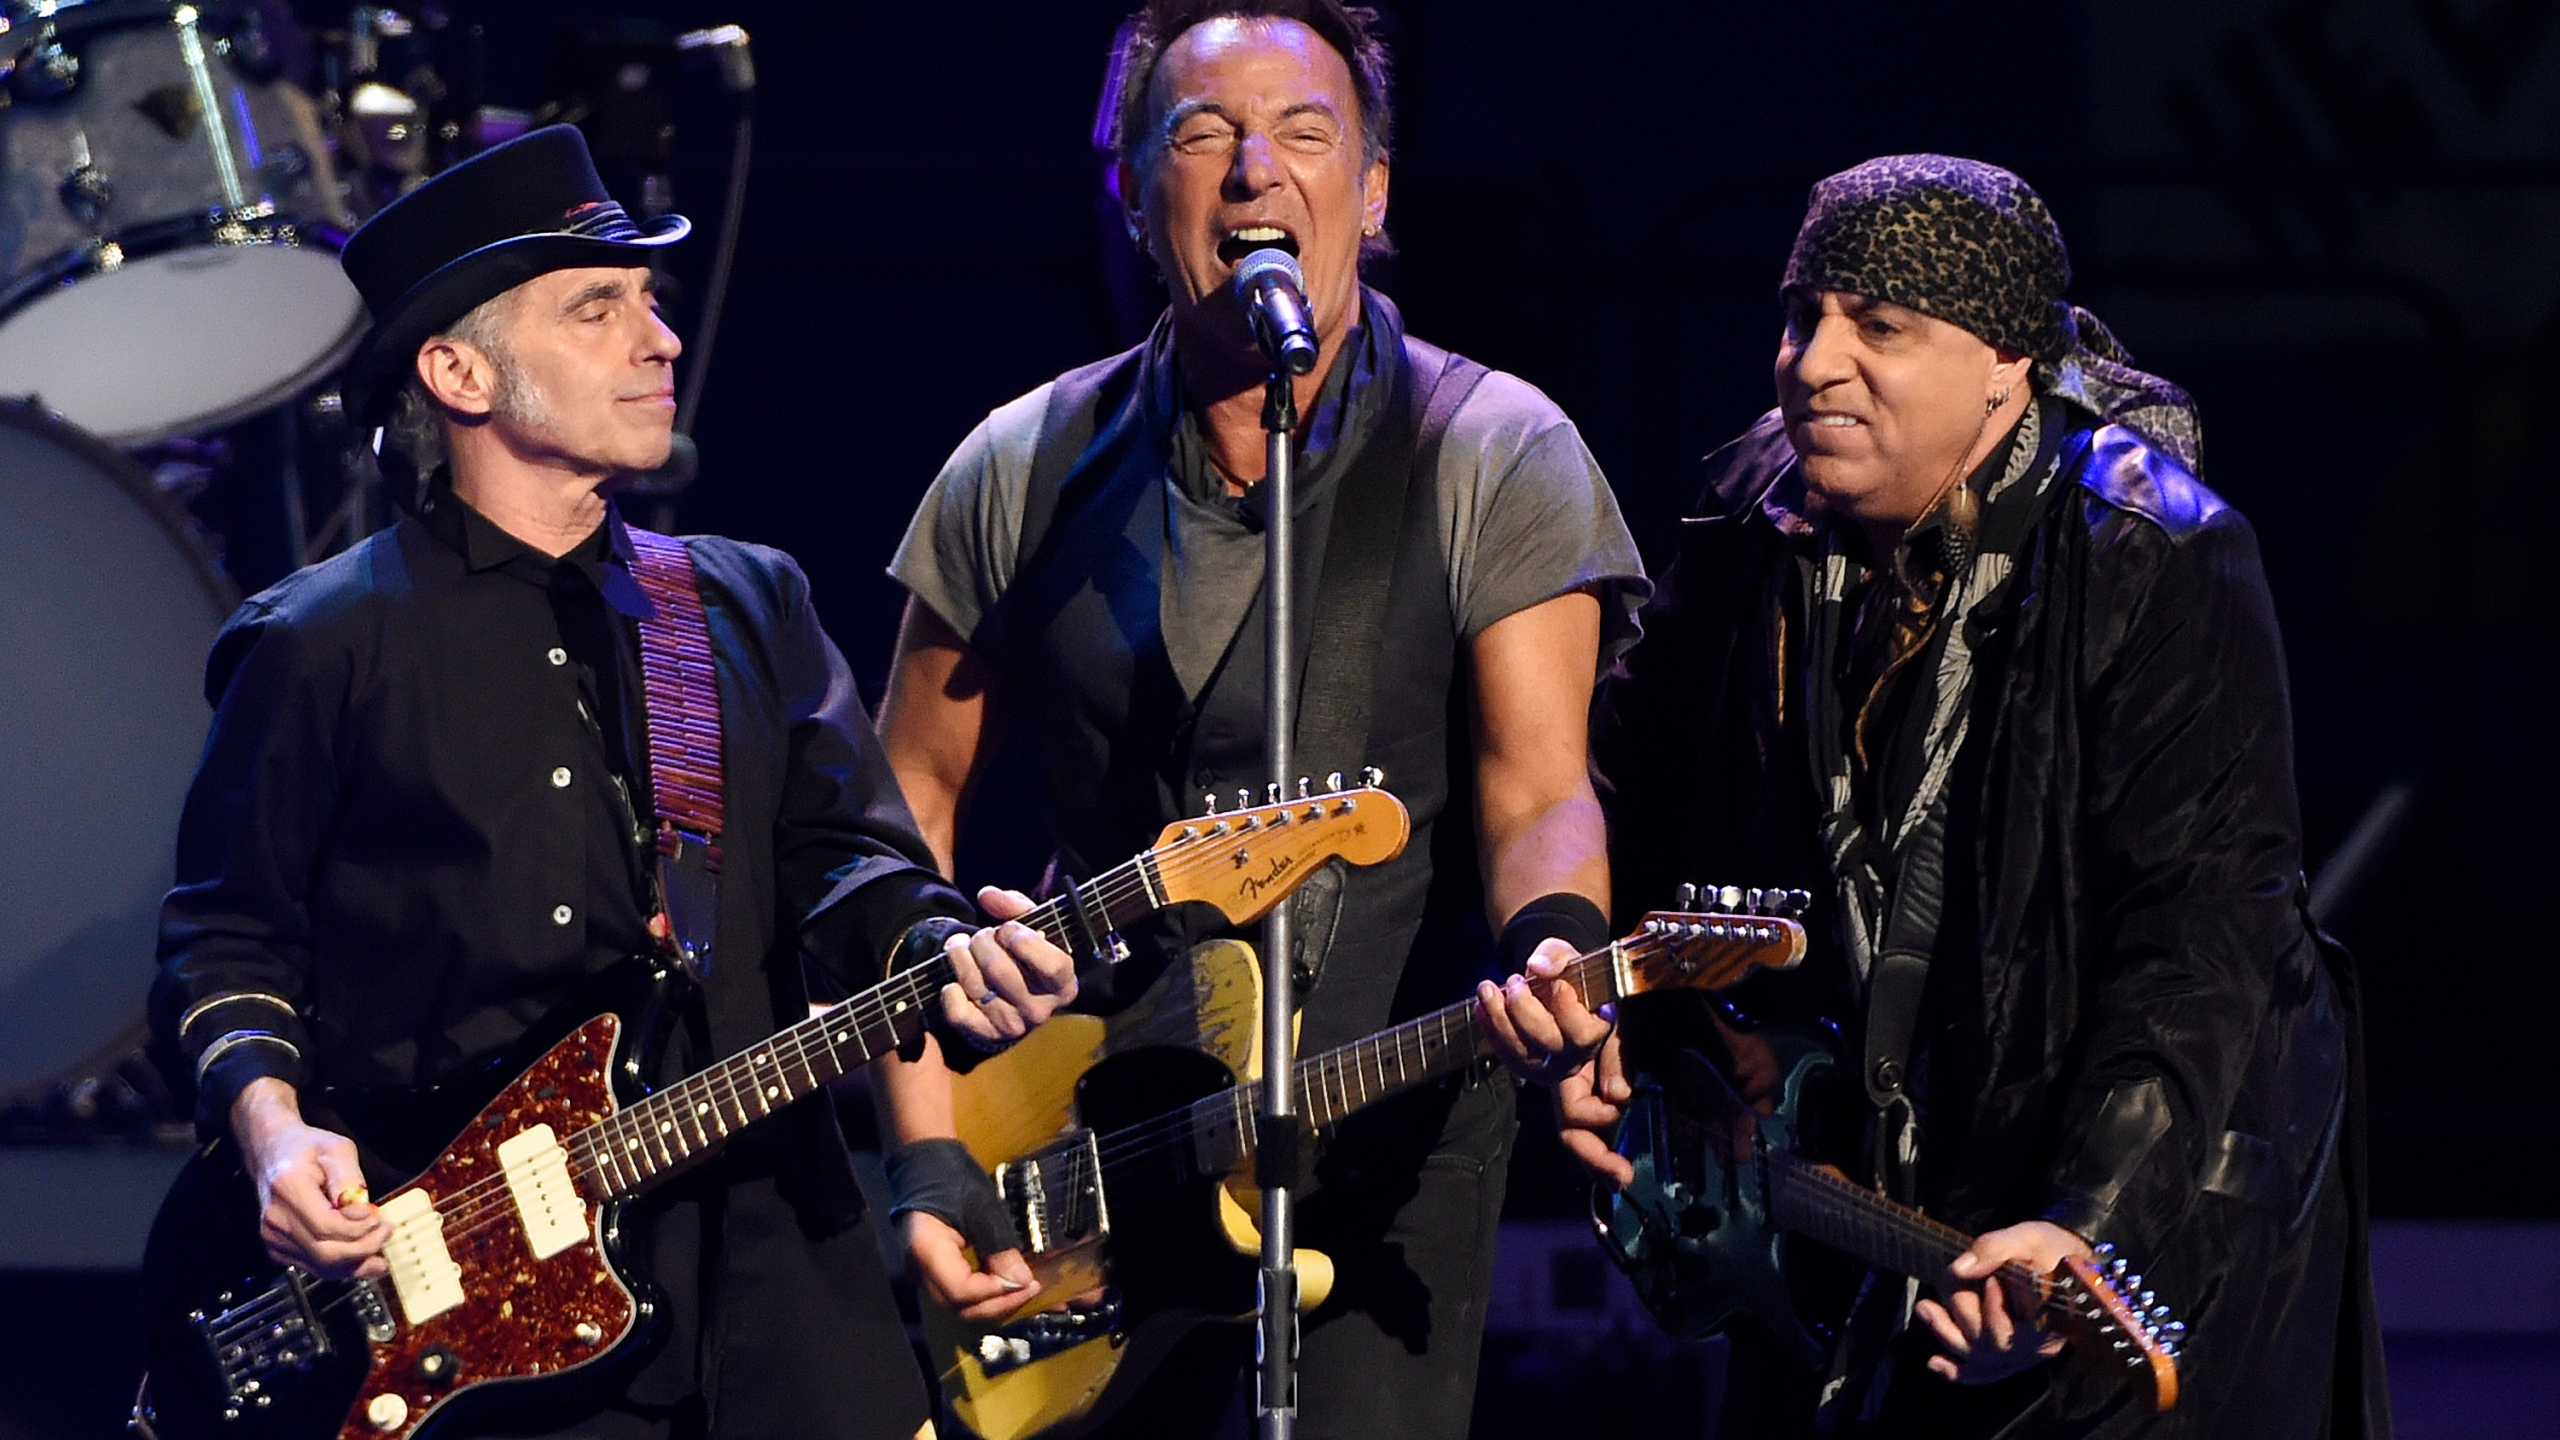 Bruce Springsteen, Nils Lofgren, Steven Van Zandt